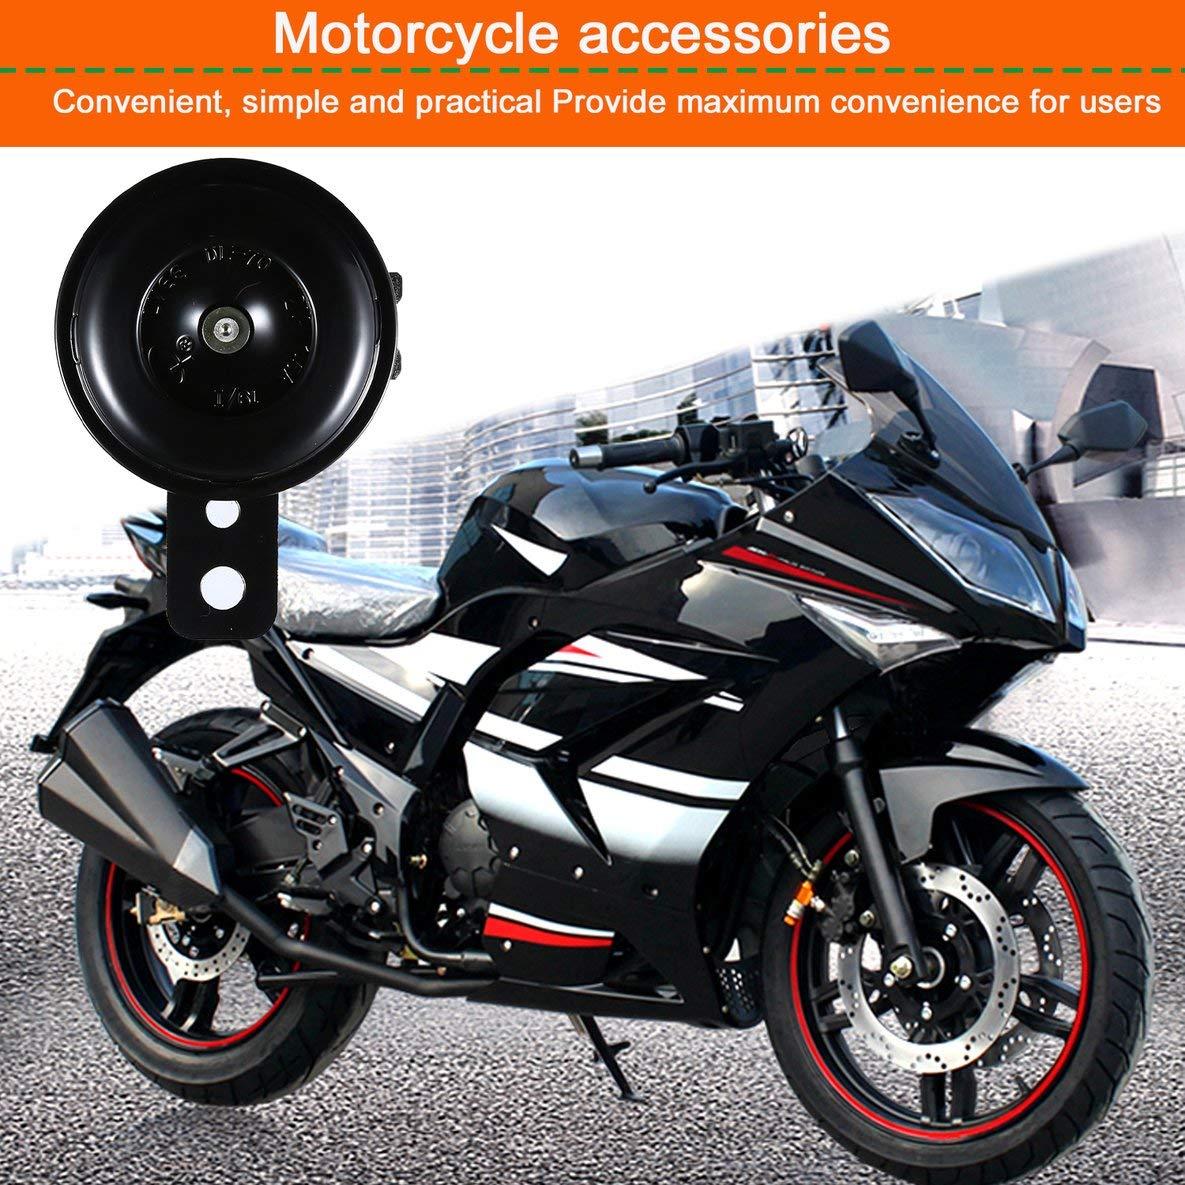 Noradtjcca Kit Universel de Moto /électrique klaxon 12V 1.5A 105db /étanche Haut-parleurs de klaxon pour Scooter cyclomoteur Dirt Bike ATV